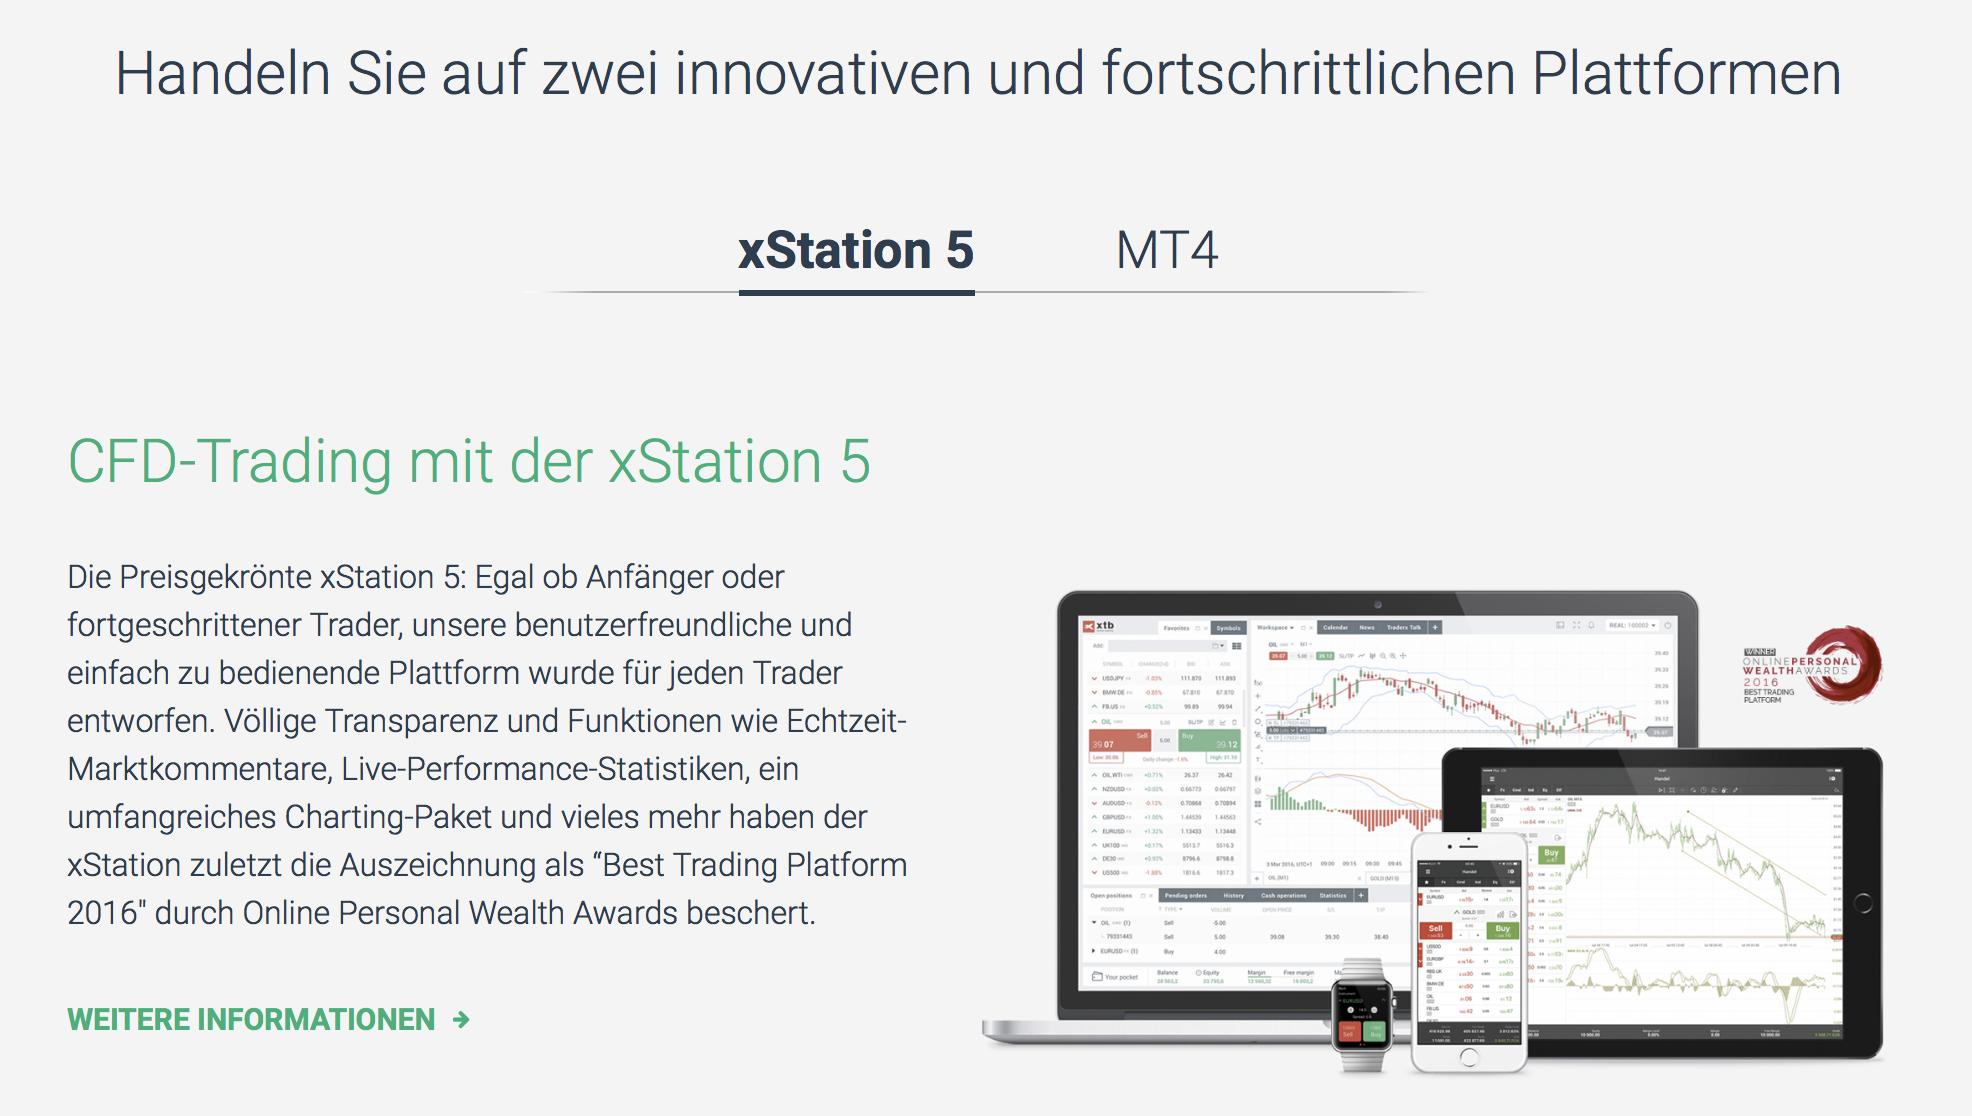 Leistungsstarke und innovative Plattformen stehen bei XTB im Vordergrund